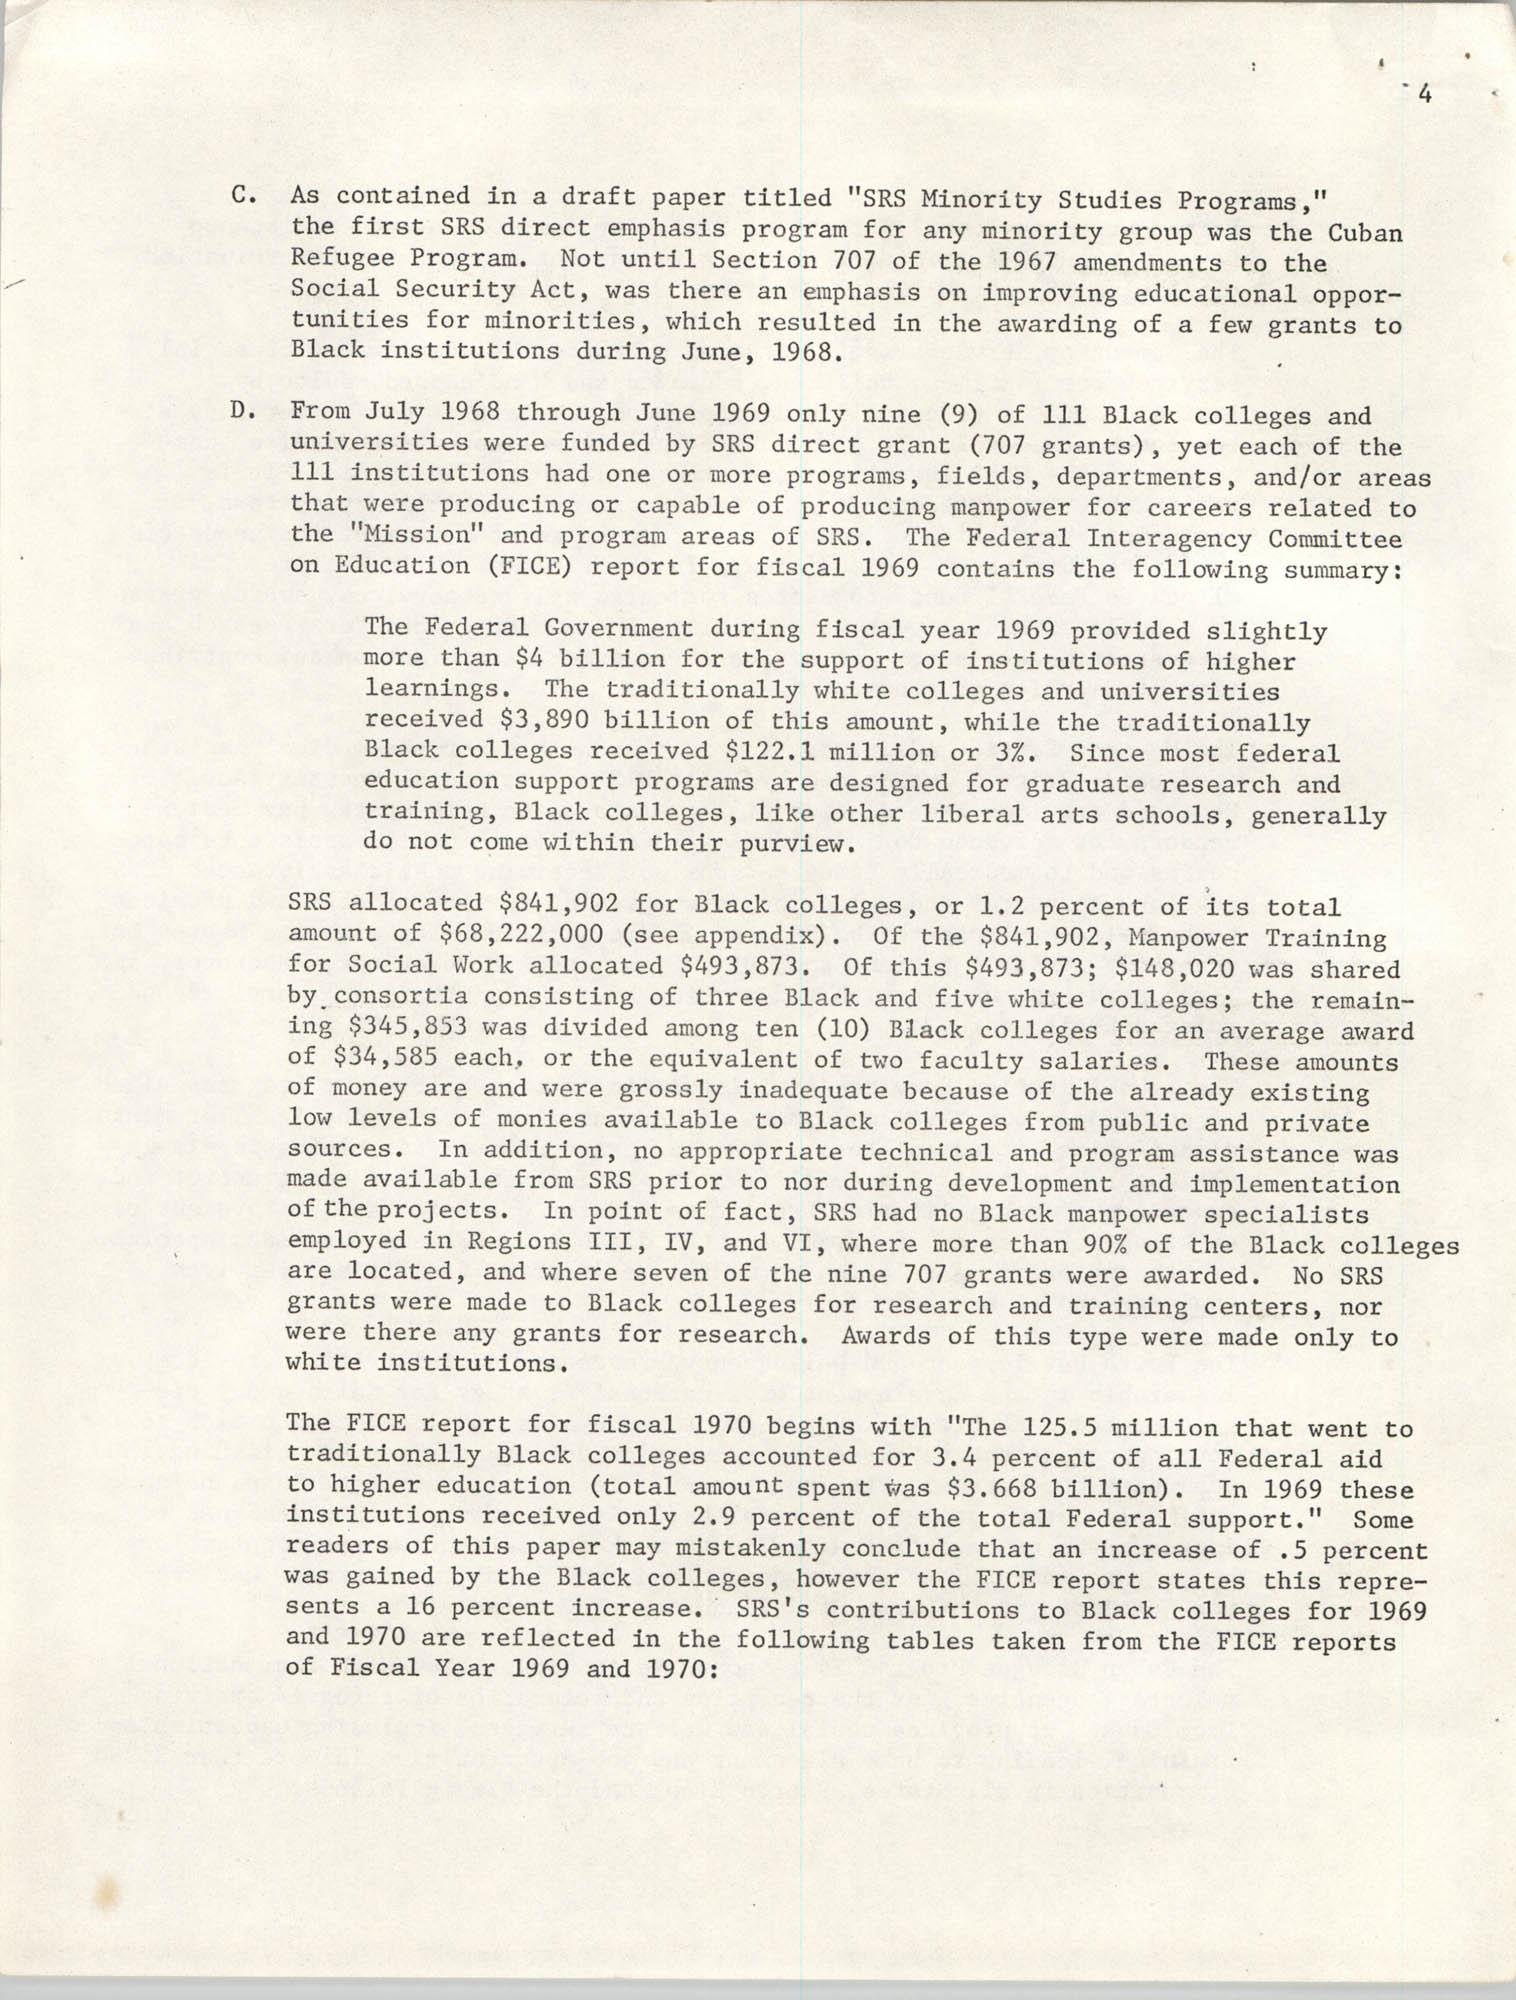 SHARE, Volume I, Number 8, April 1973, Page 4